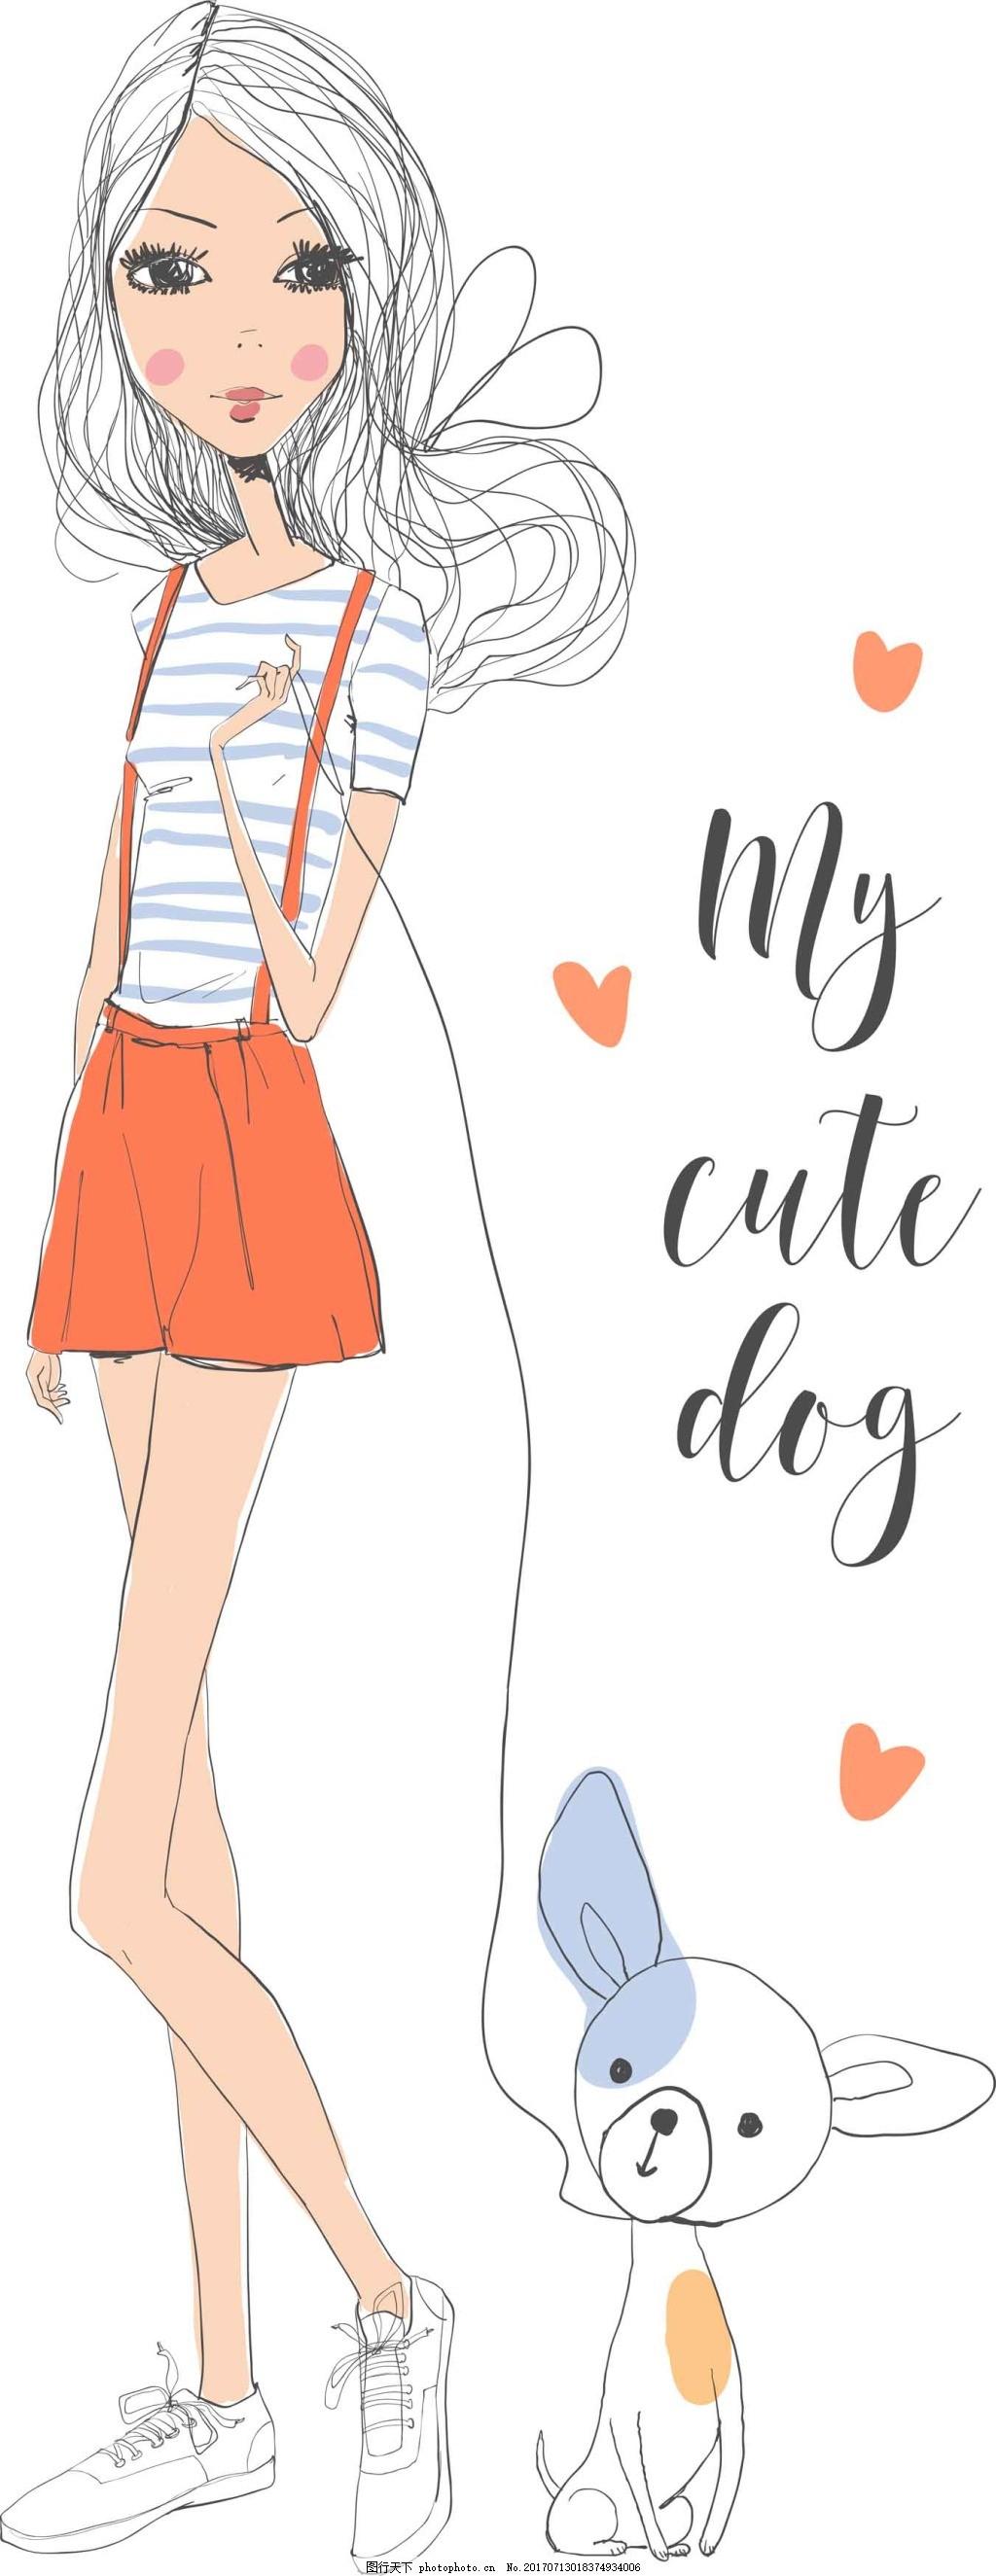 牵小狗的女生插画 手绘 可爱 卡通 动物 爱心 宠物